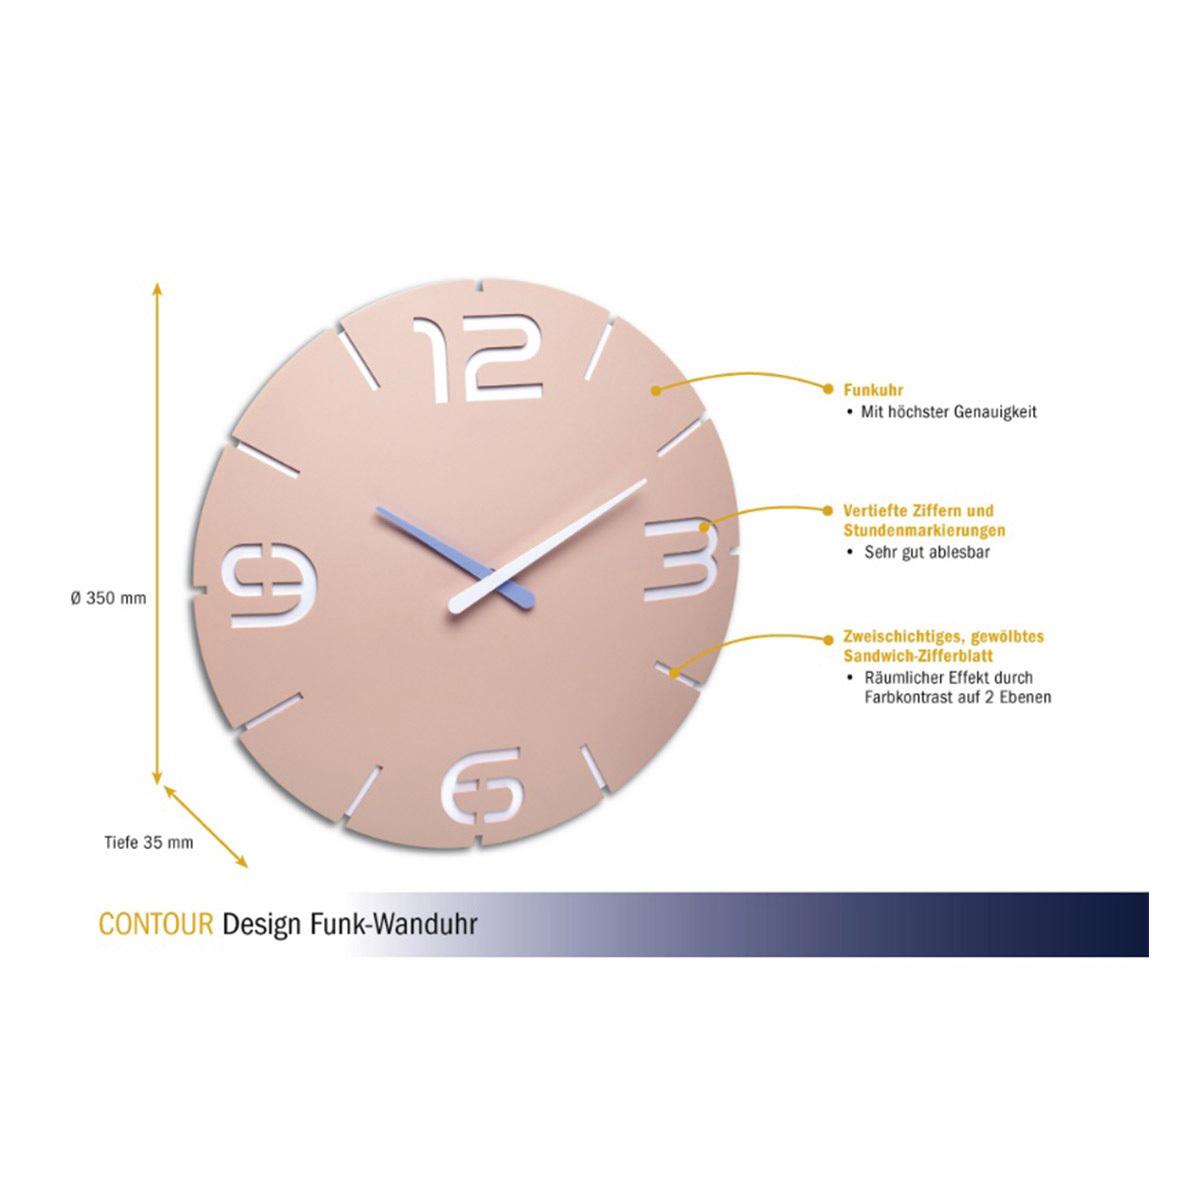 60-3536-16-design-funk-wanduhr-contour-abmessungen-1200x1200px.jpg